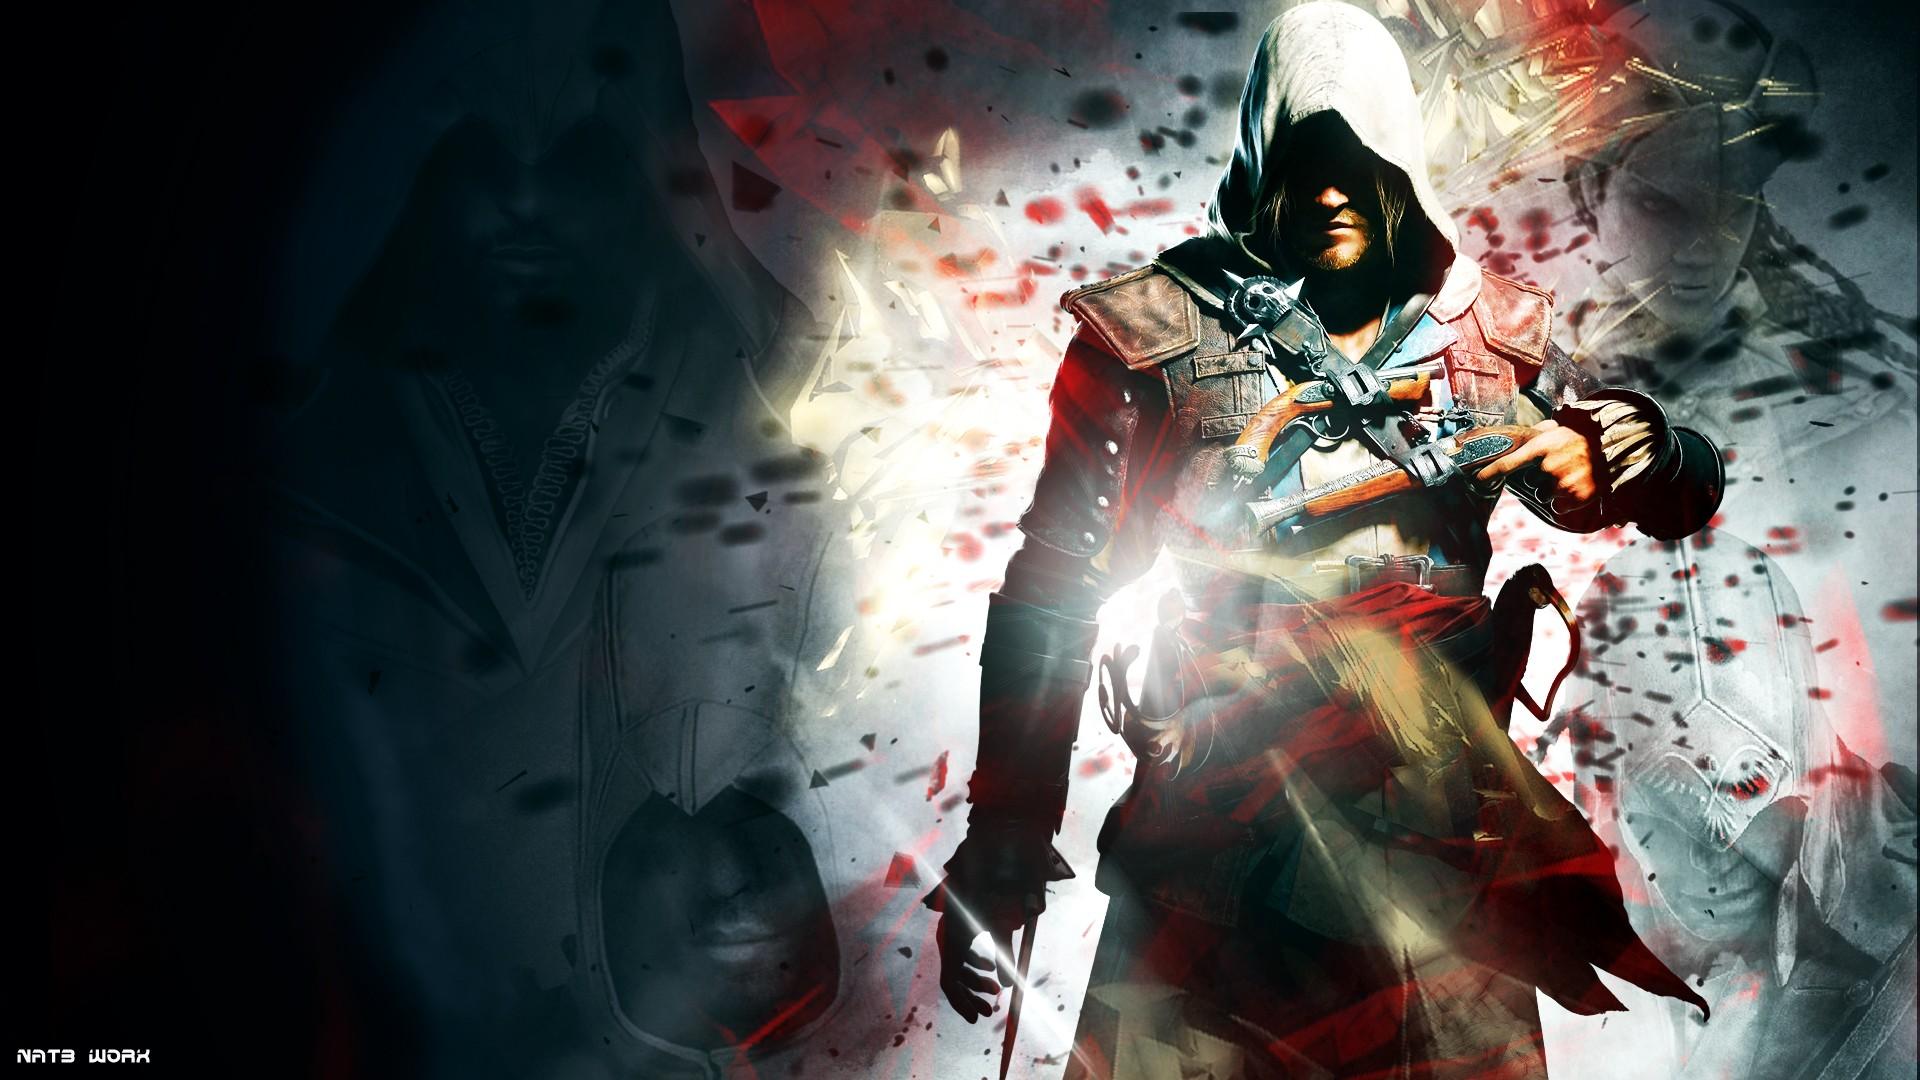 Assassins Creed Assassins Creed 4 Black Flag Edward Kenway